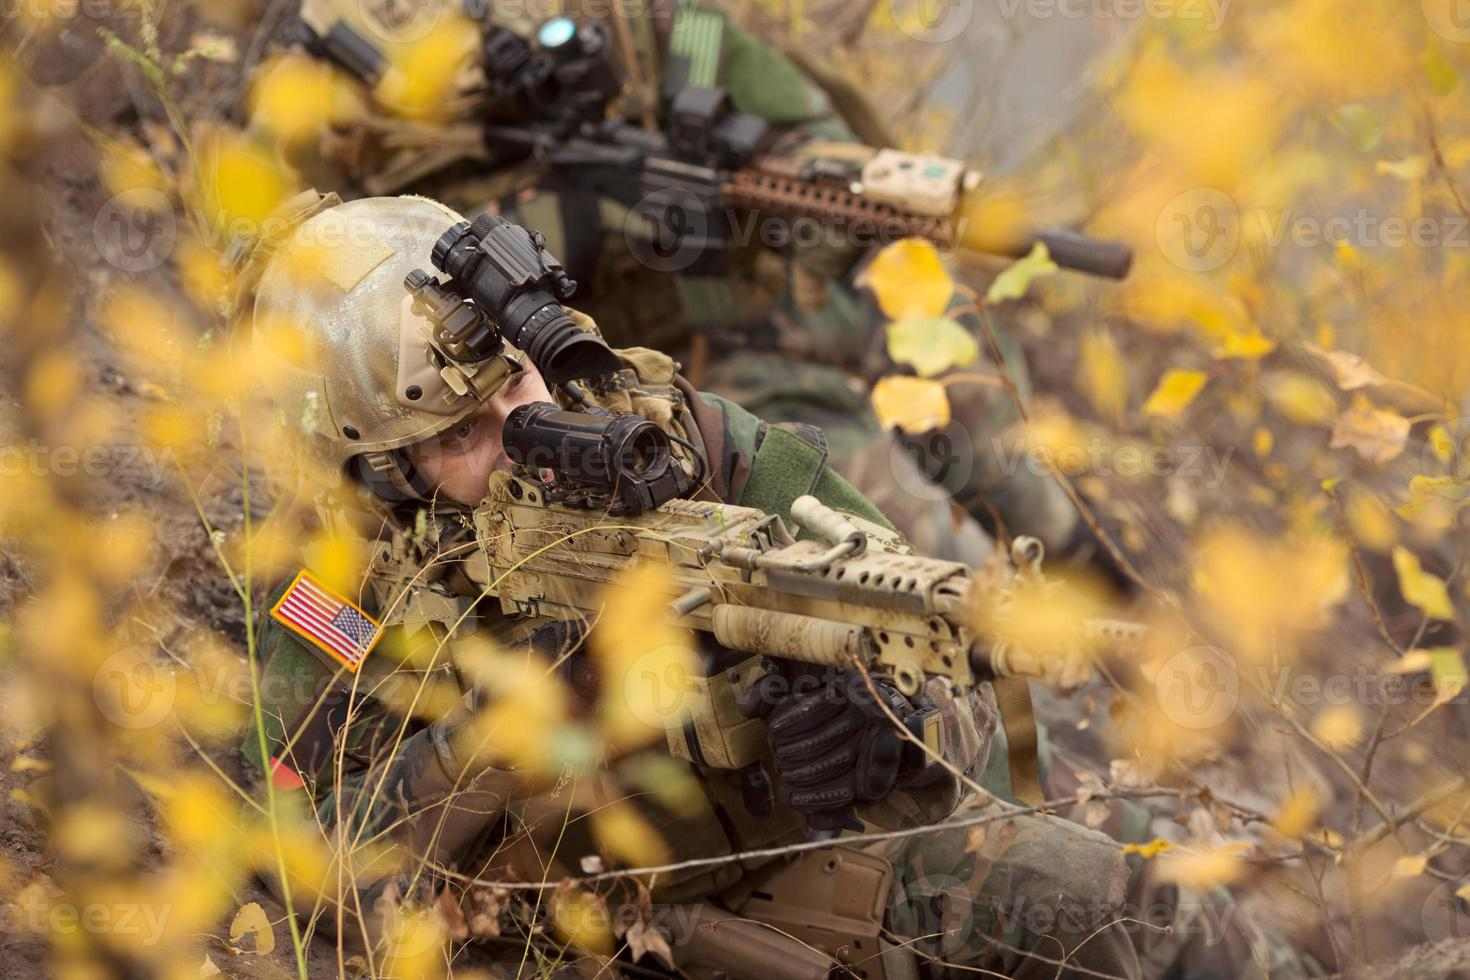 équipe de soldats américains visant une cible d'armes photo